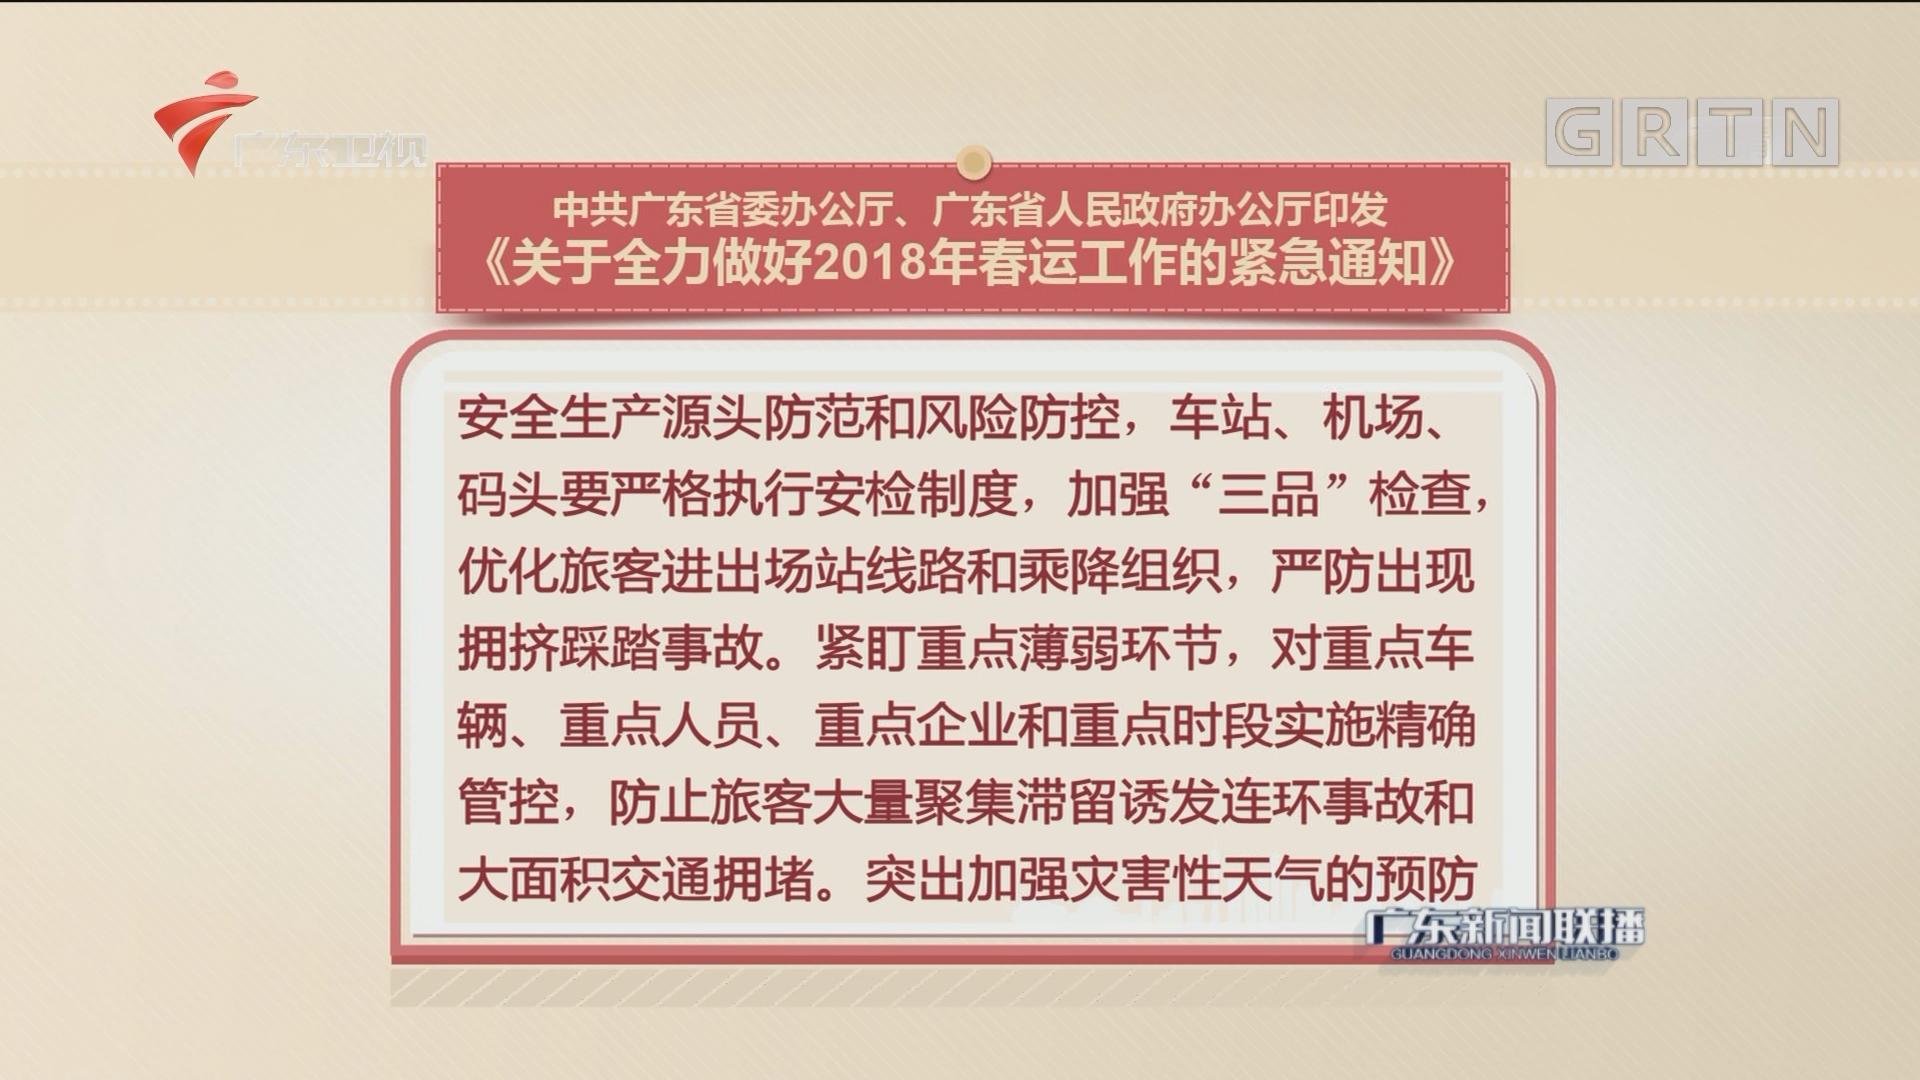 中共广东省委办公厅、广东省人民政府办公厅印发《关于全力做好2018年春运工作的紧急通知》